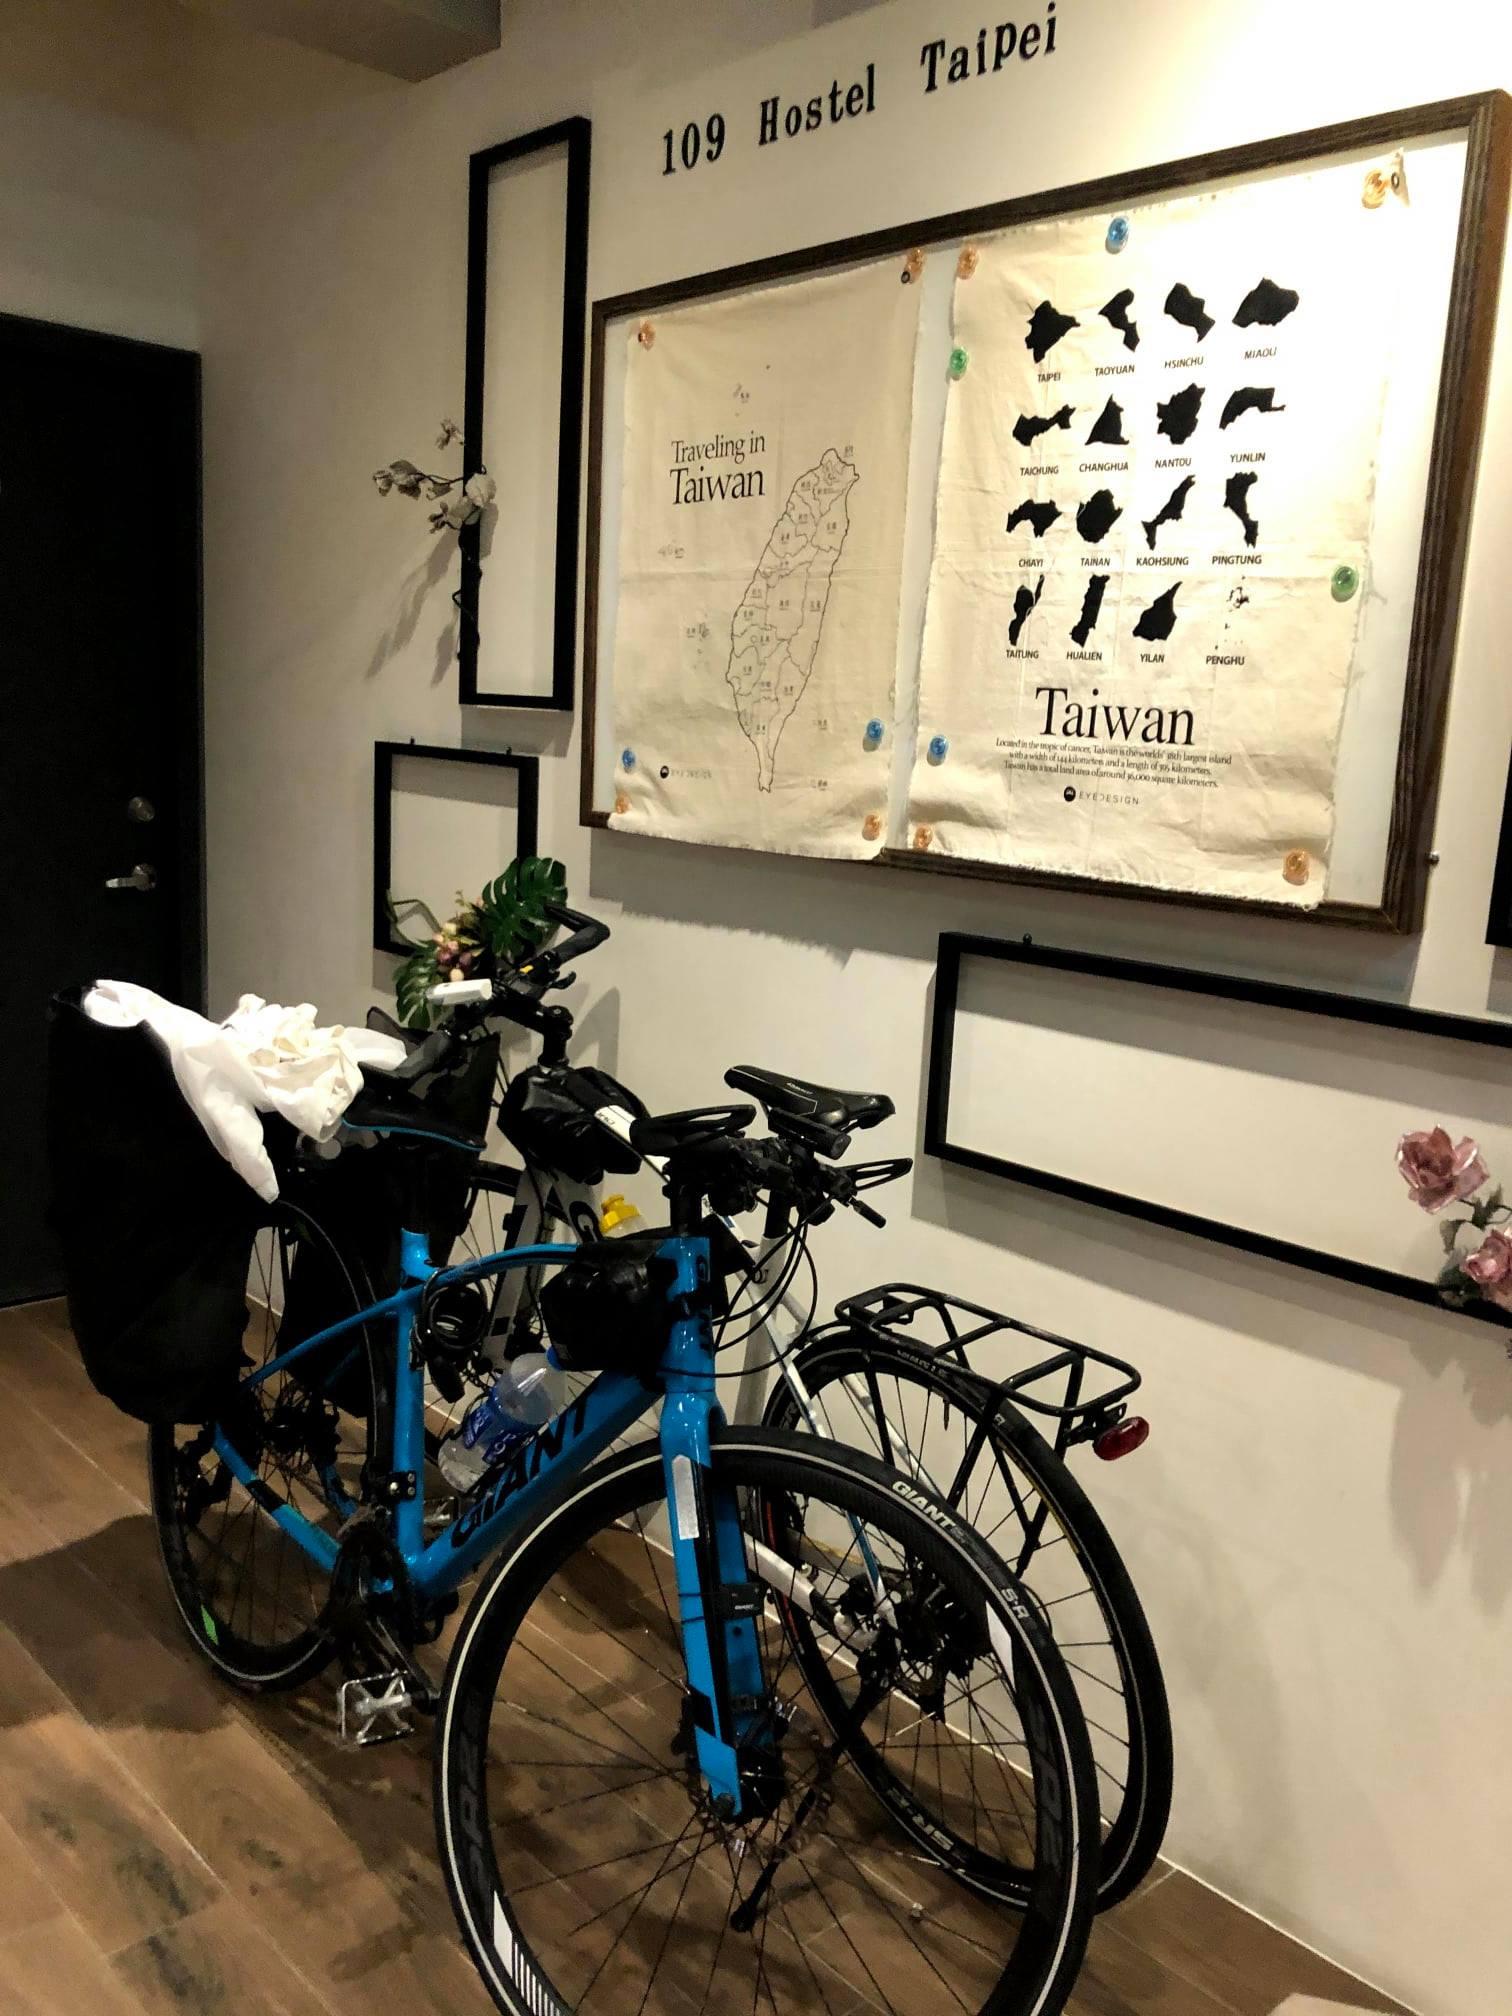 台北109青旅為單車友善青旅